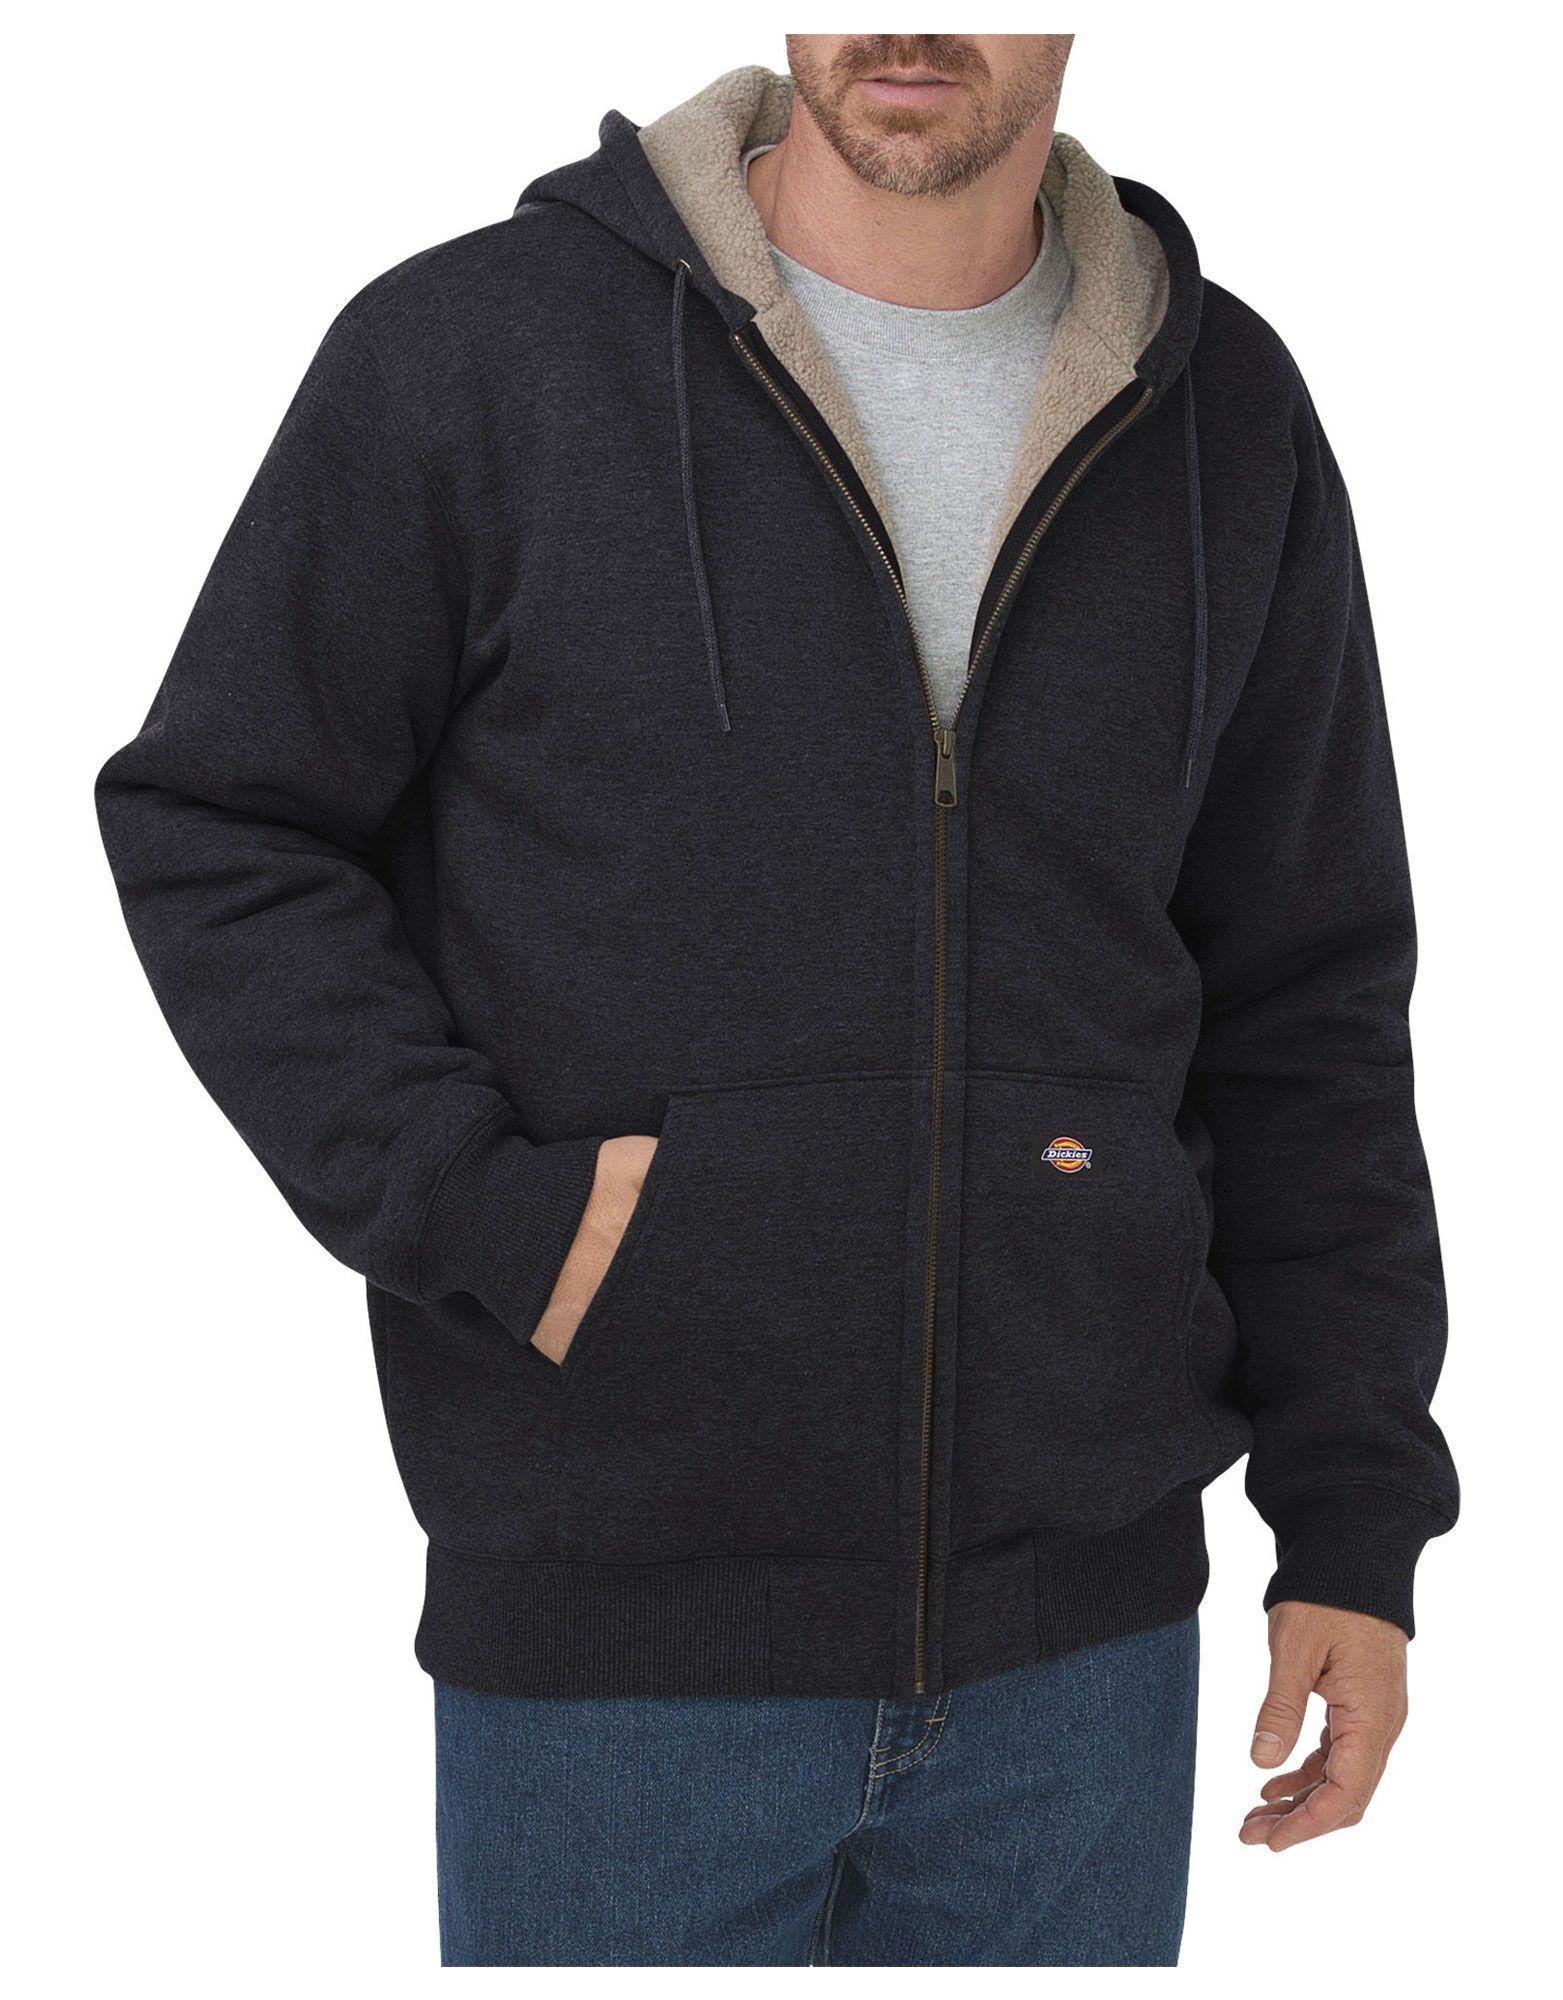 f7925c01a Sherpa Lined Fleece Hoodie, Black | M's Hoodies | Fleece hoodie ...